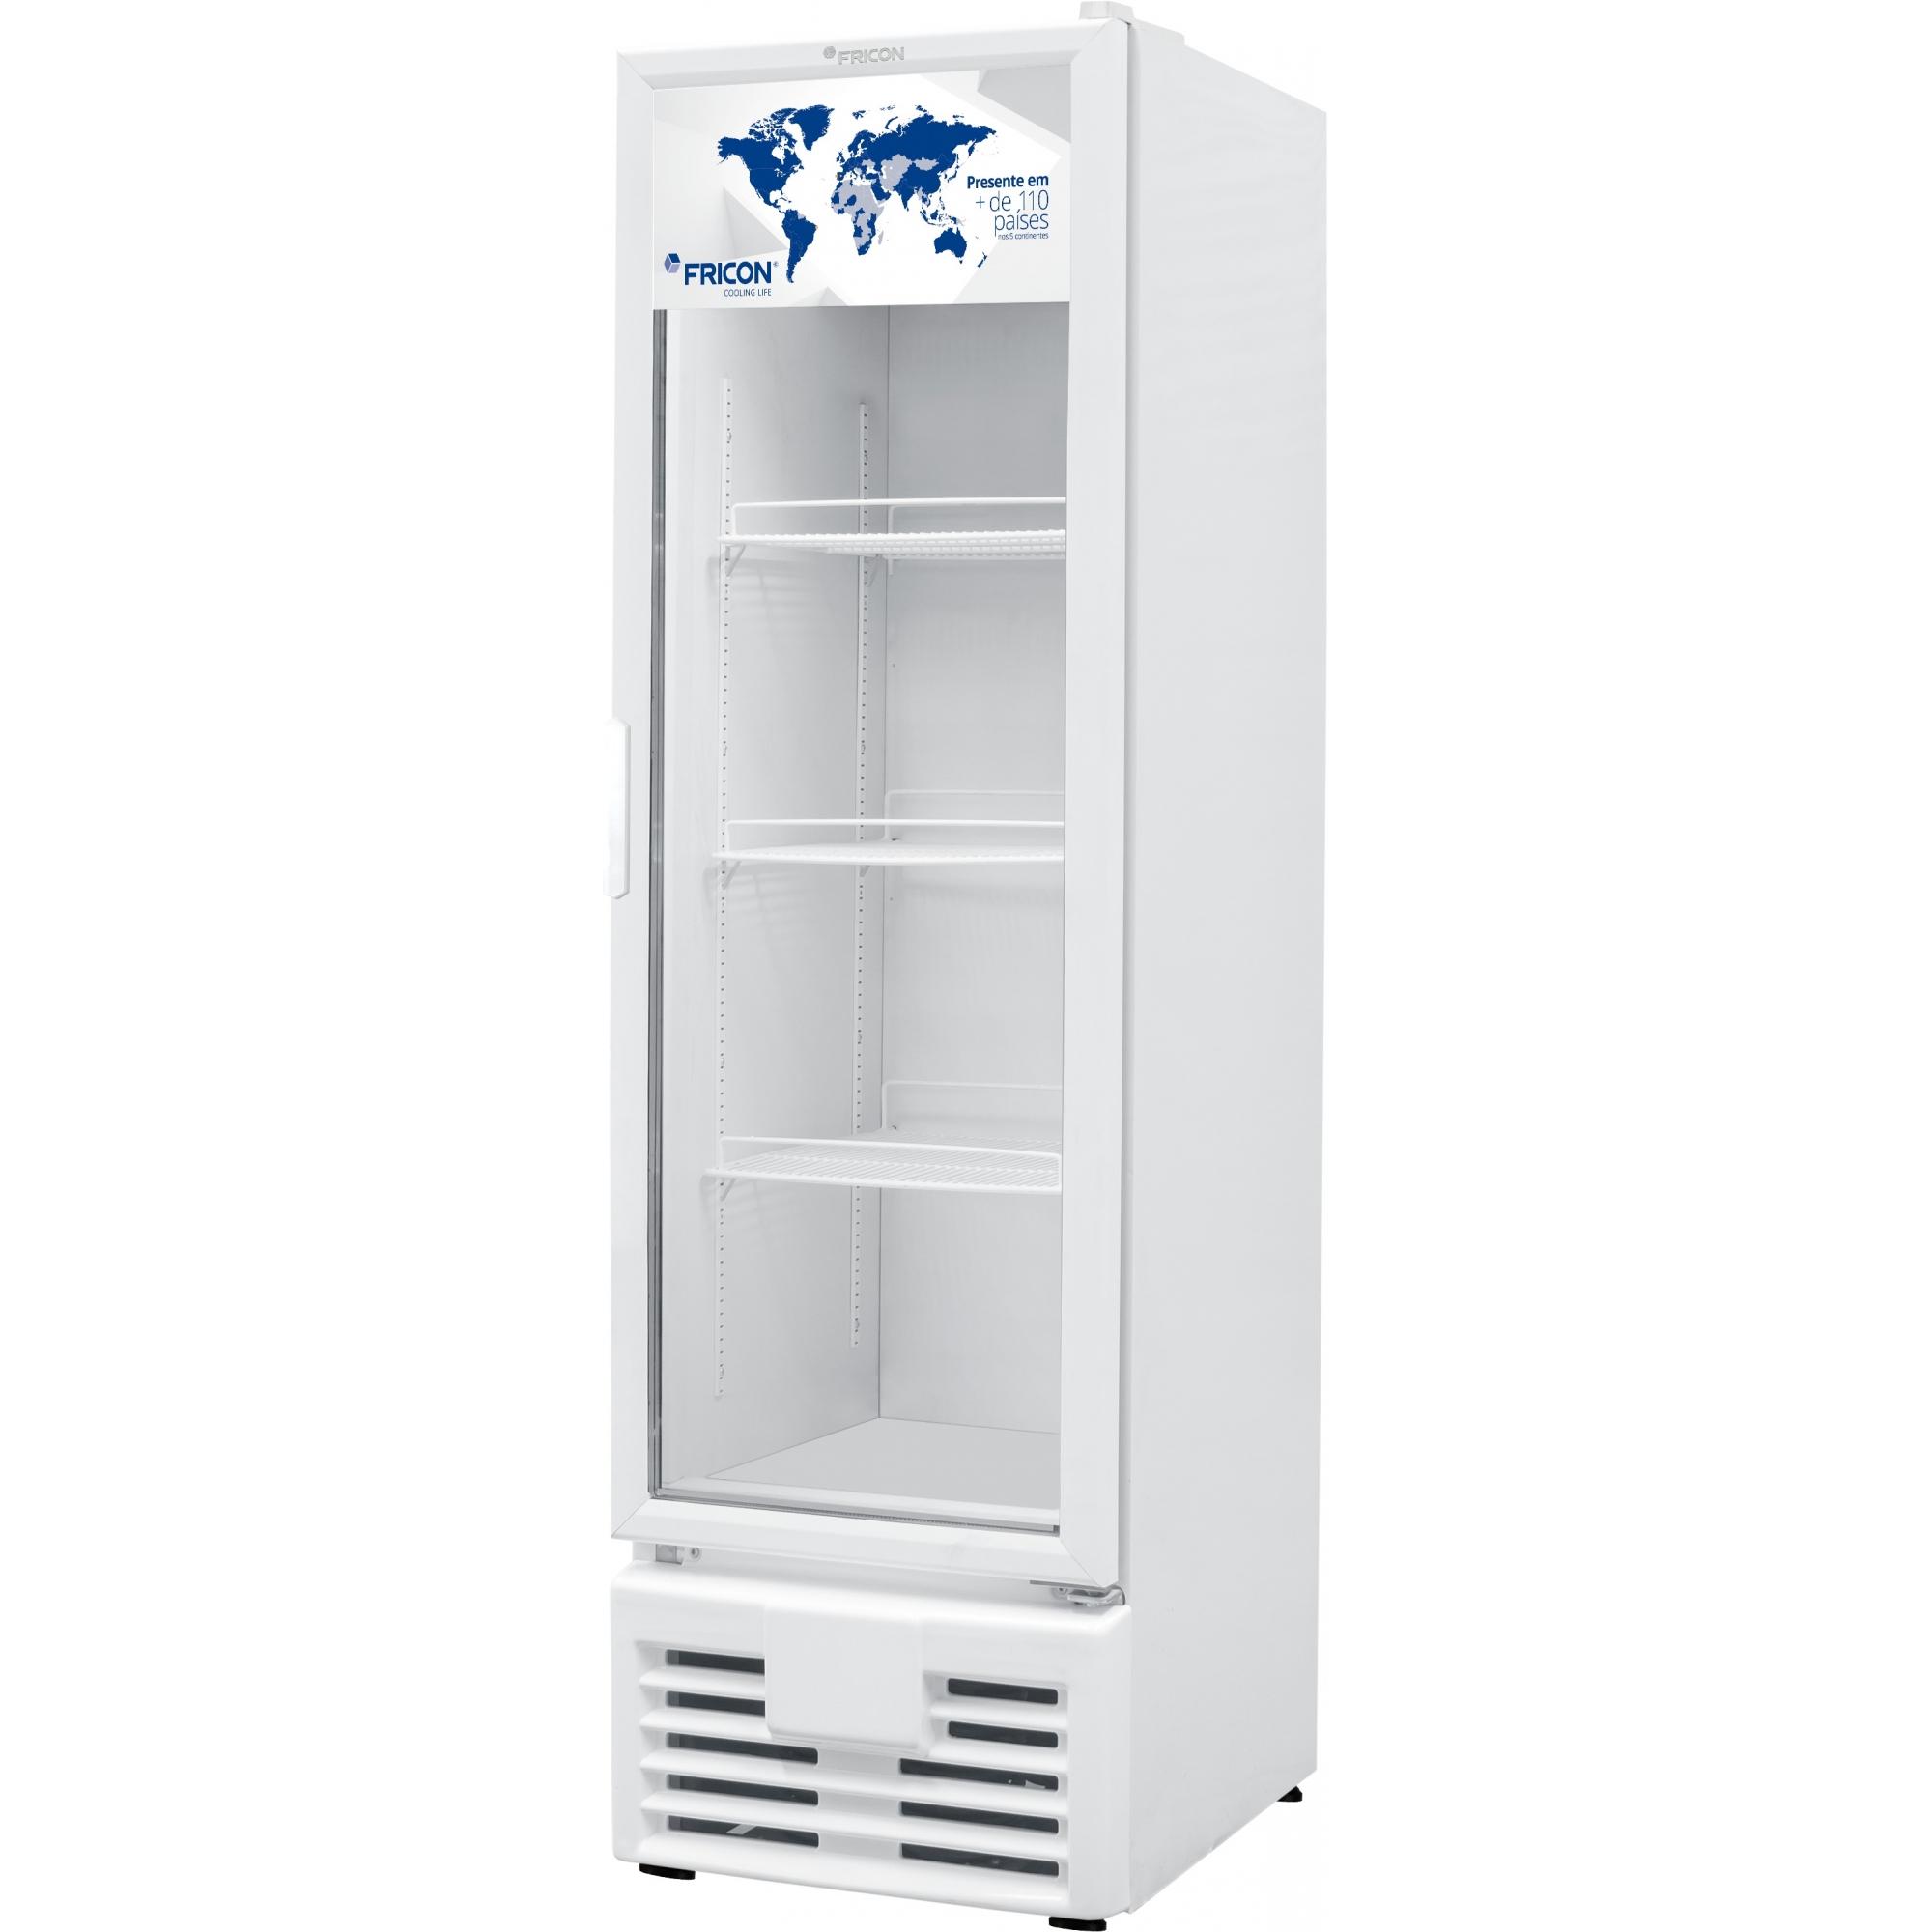 Freezer Vertical 284 Litros Porta de Vidro Fricon - VCED284-2V000